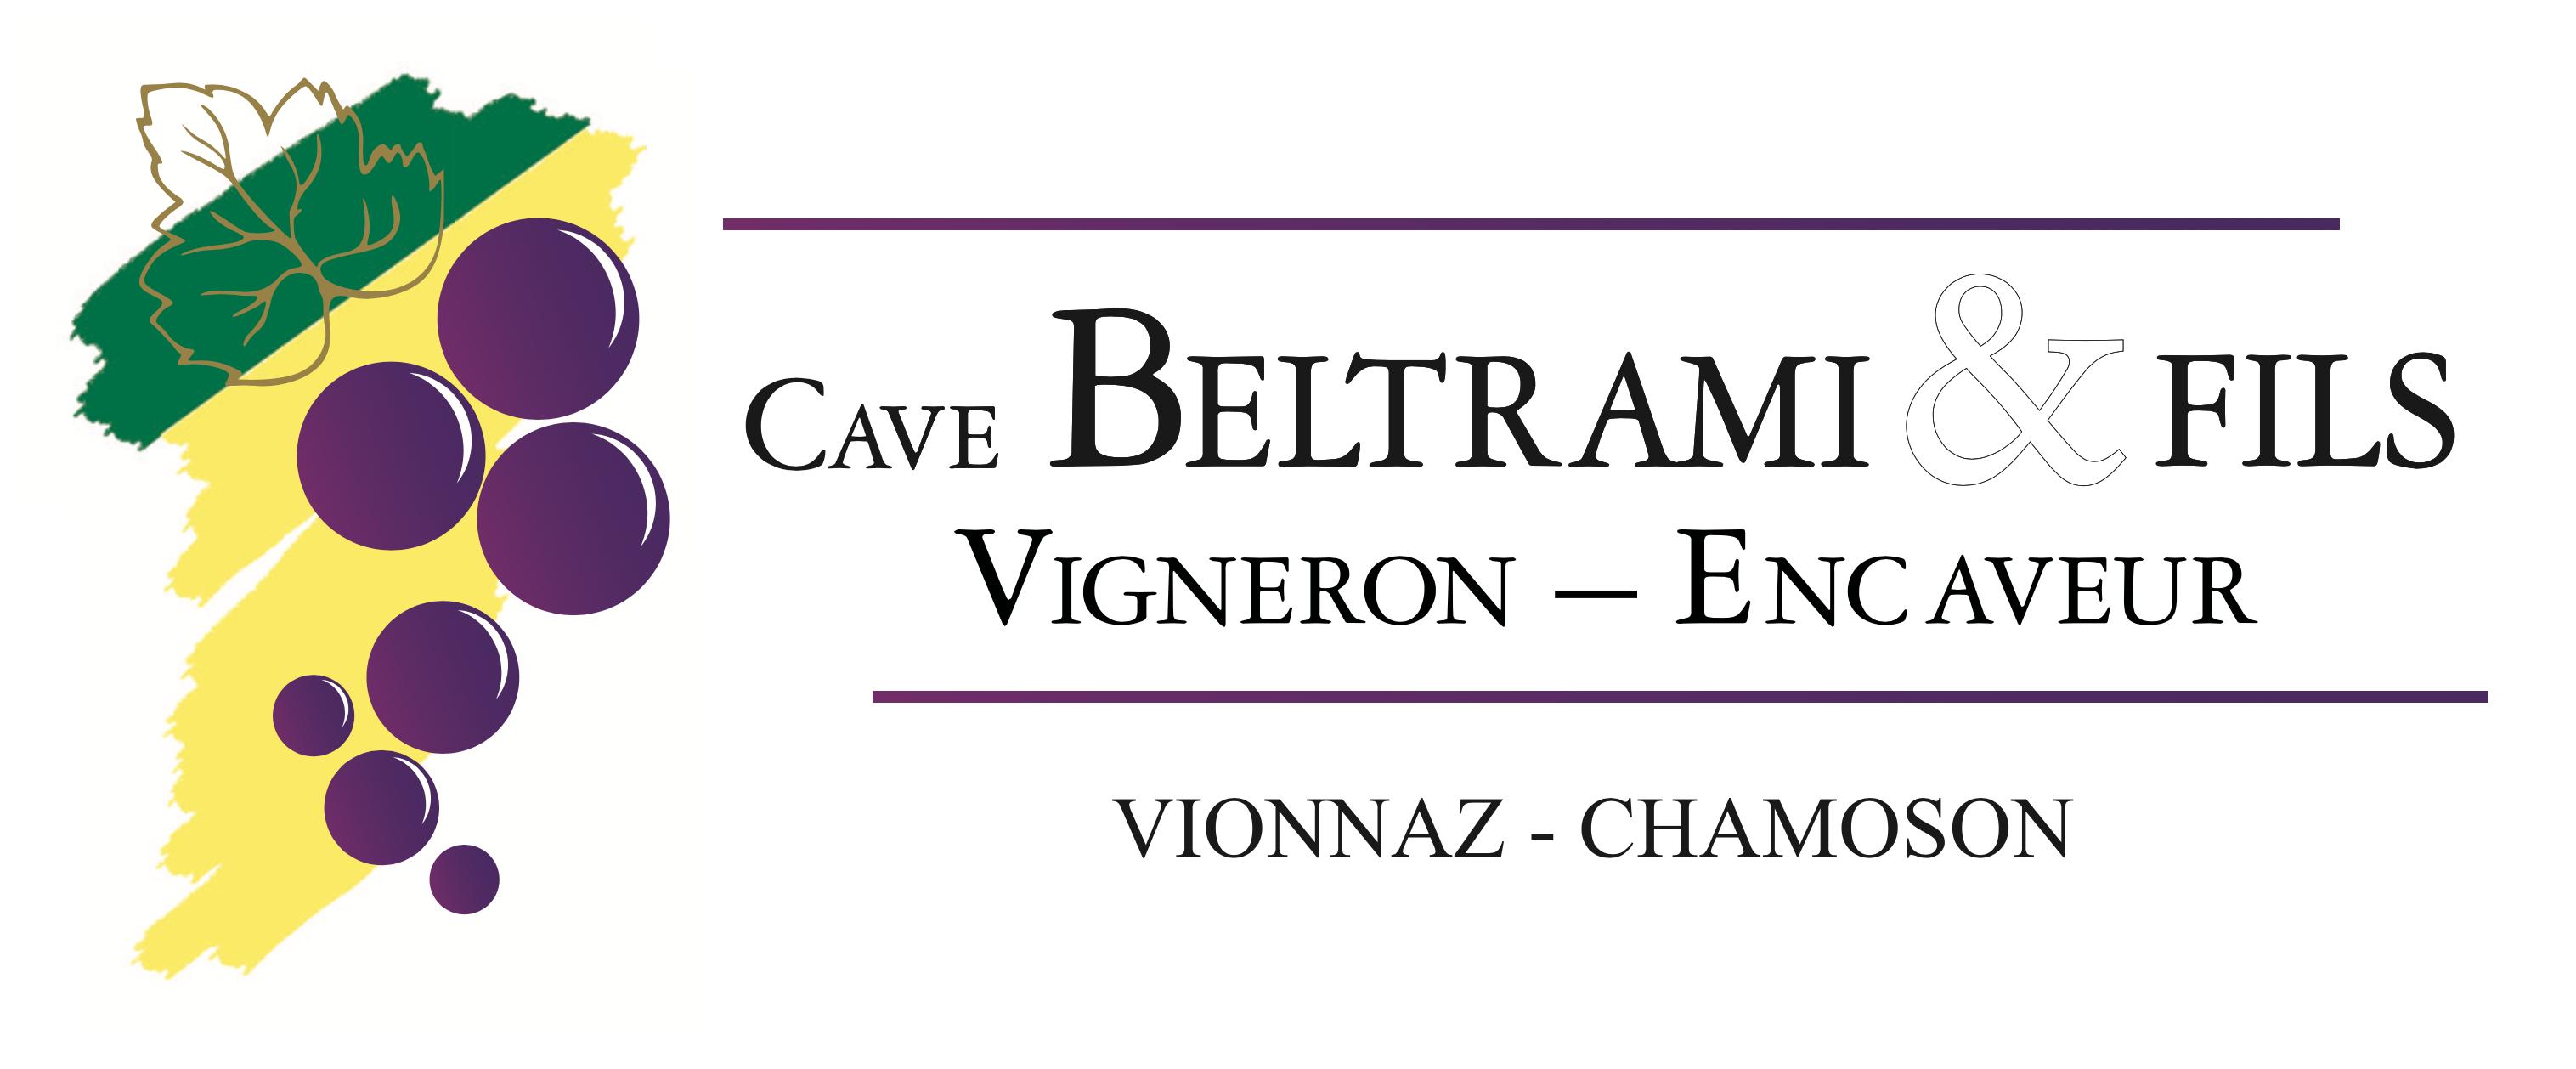 Cave Beltrami et Fils